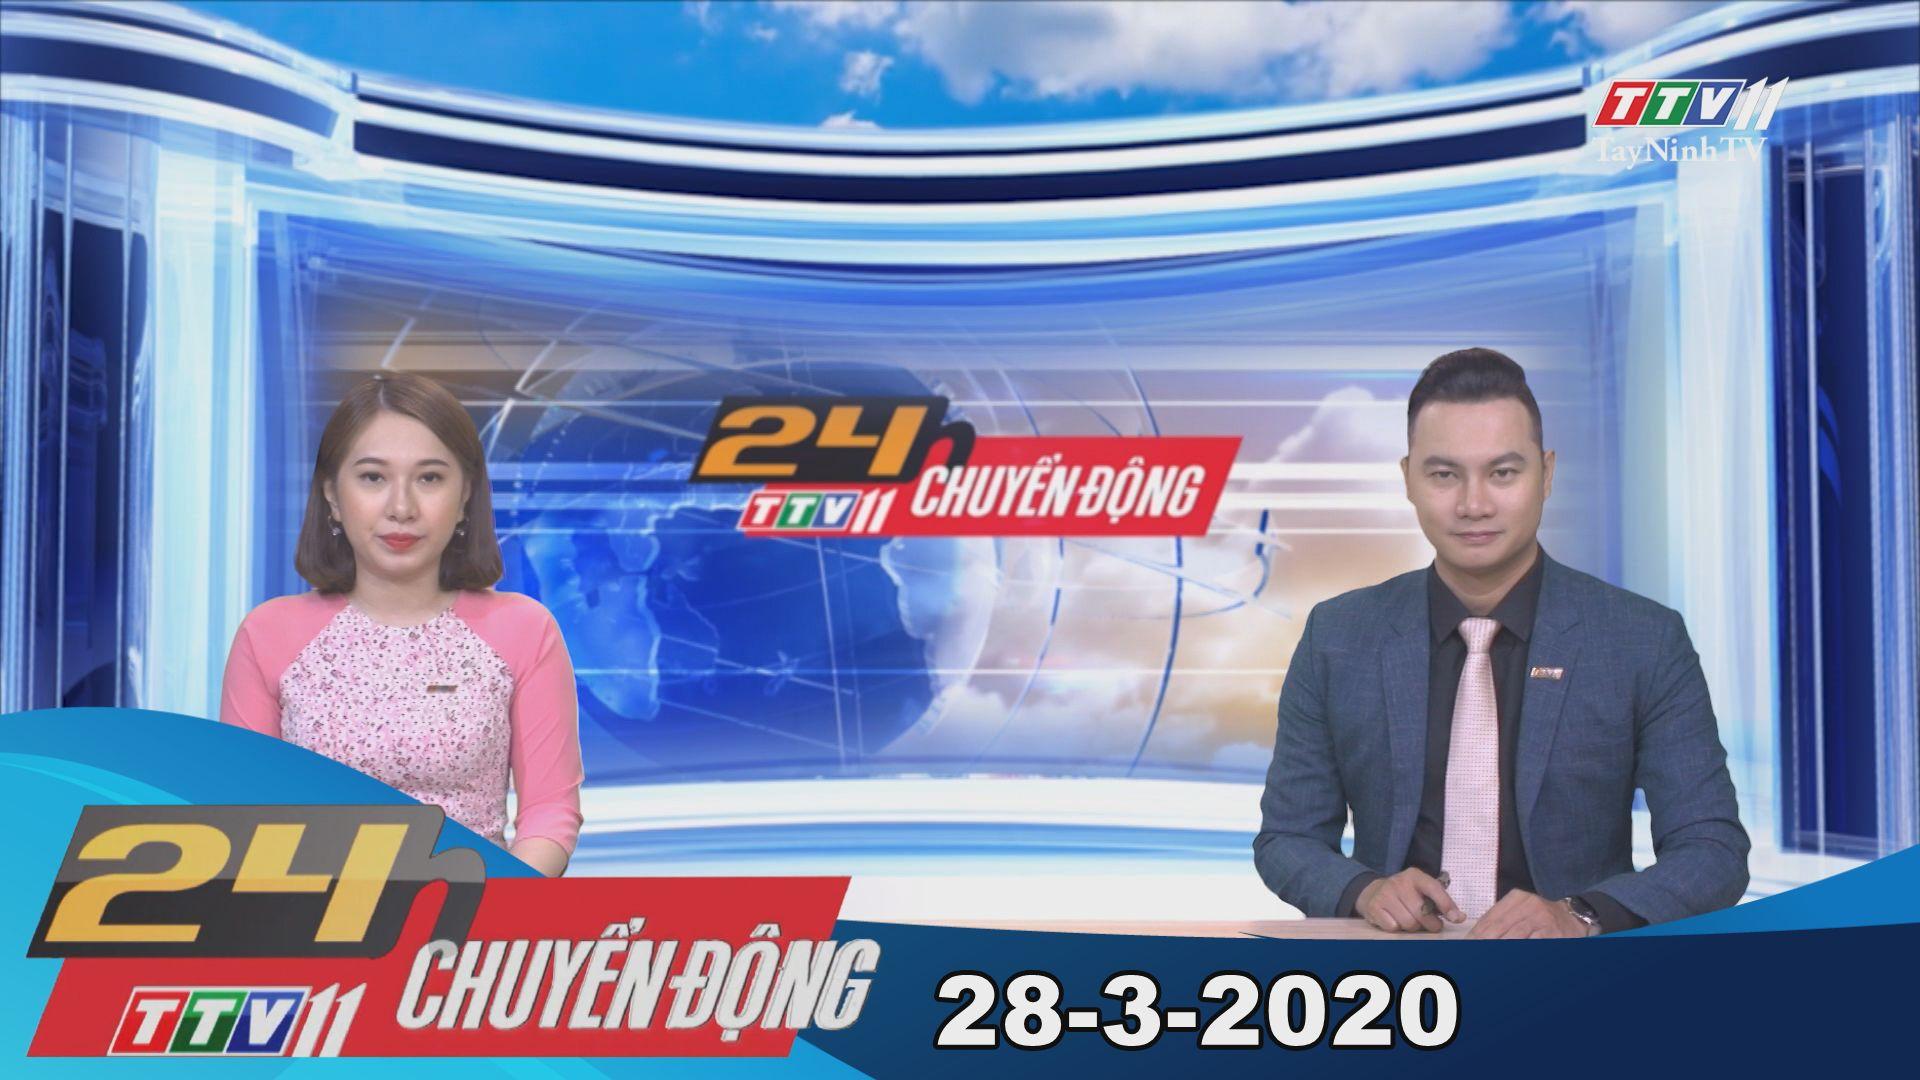 24h Chuyển động 28-3-2020 | Tin tức hôm nay | TayNinhTV